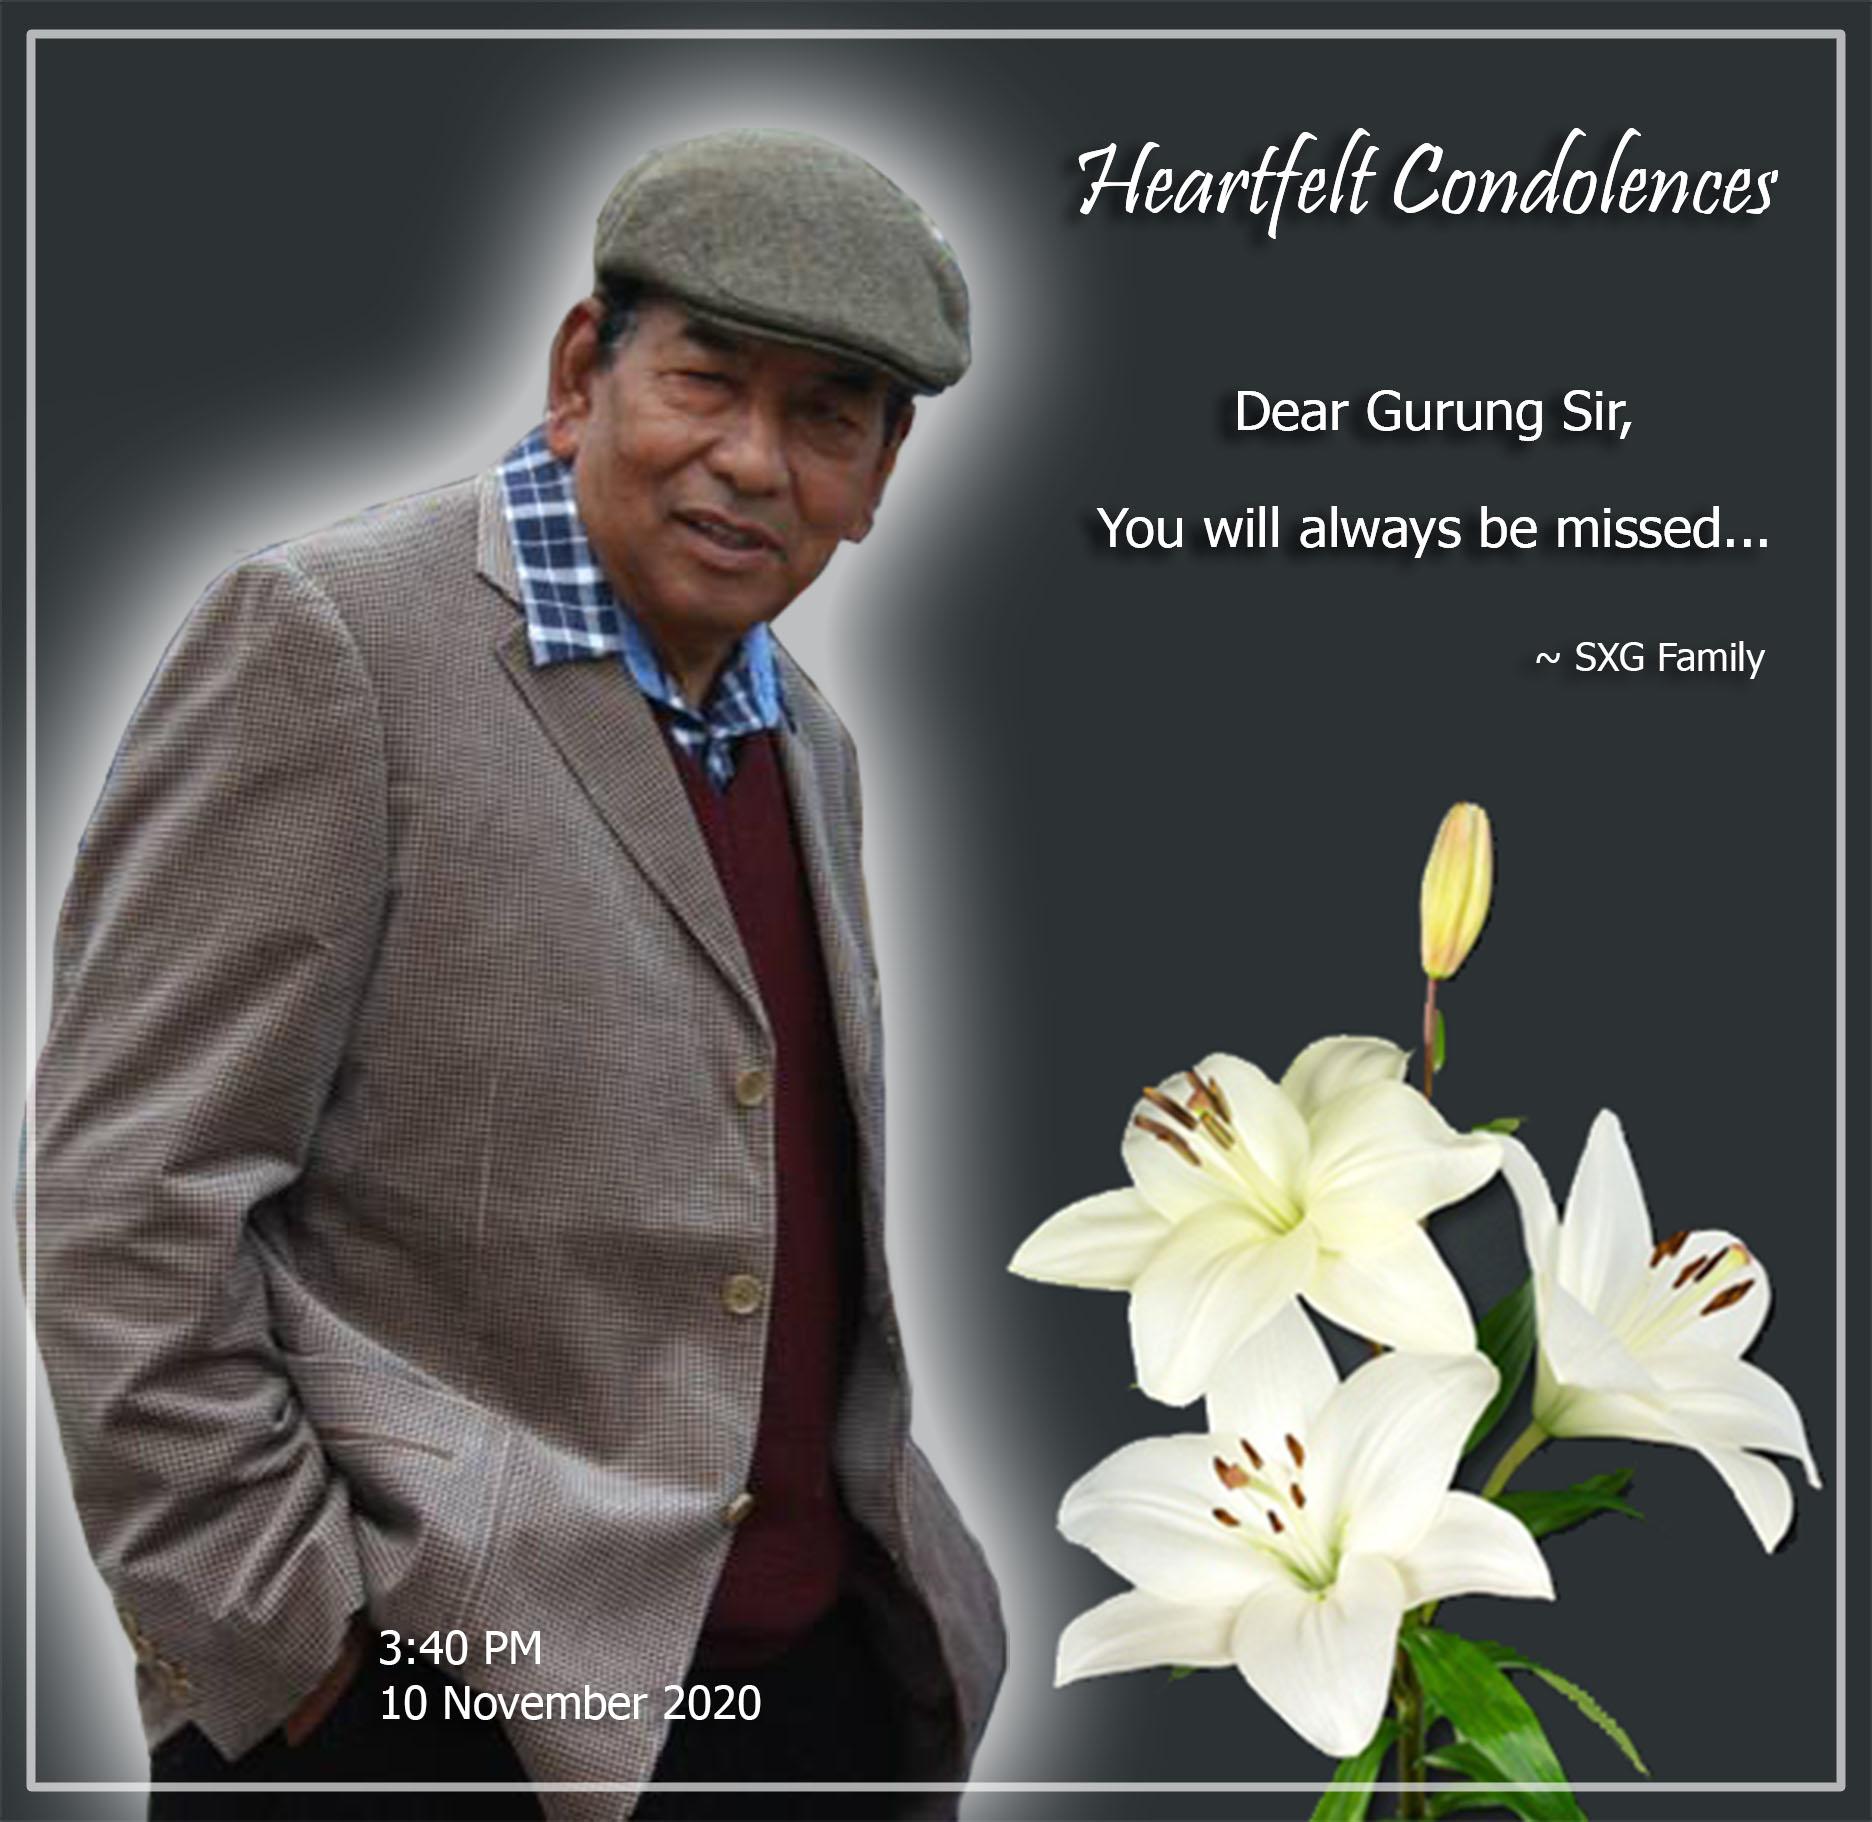 Heartfelt Condolence